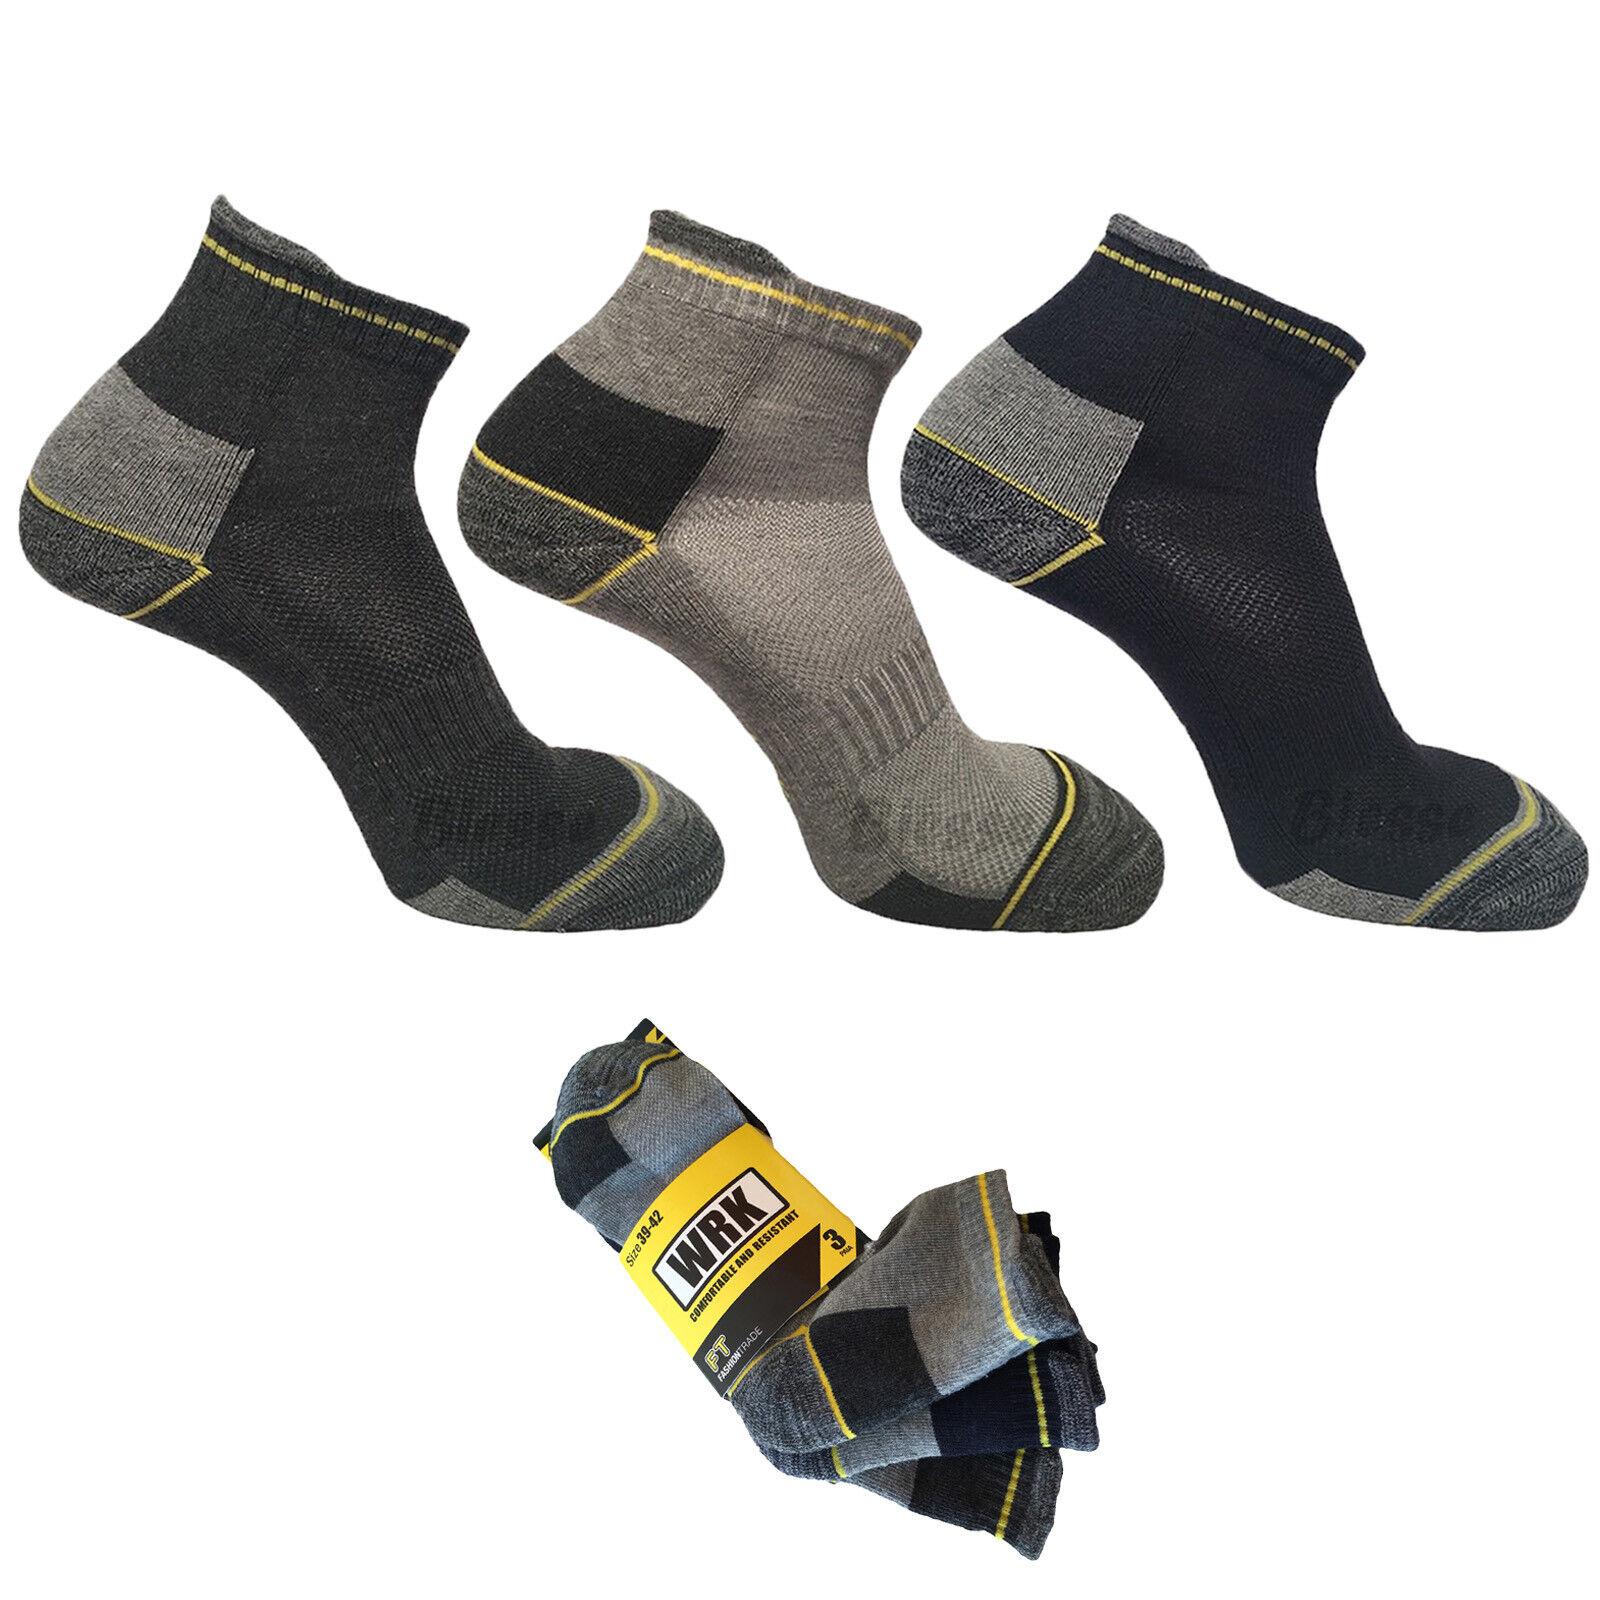 3 paia calze calzini corti da lavoro uomo sopra la caviglia rinforzati cotone